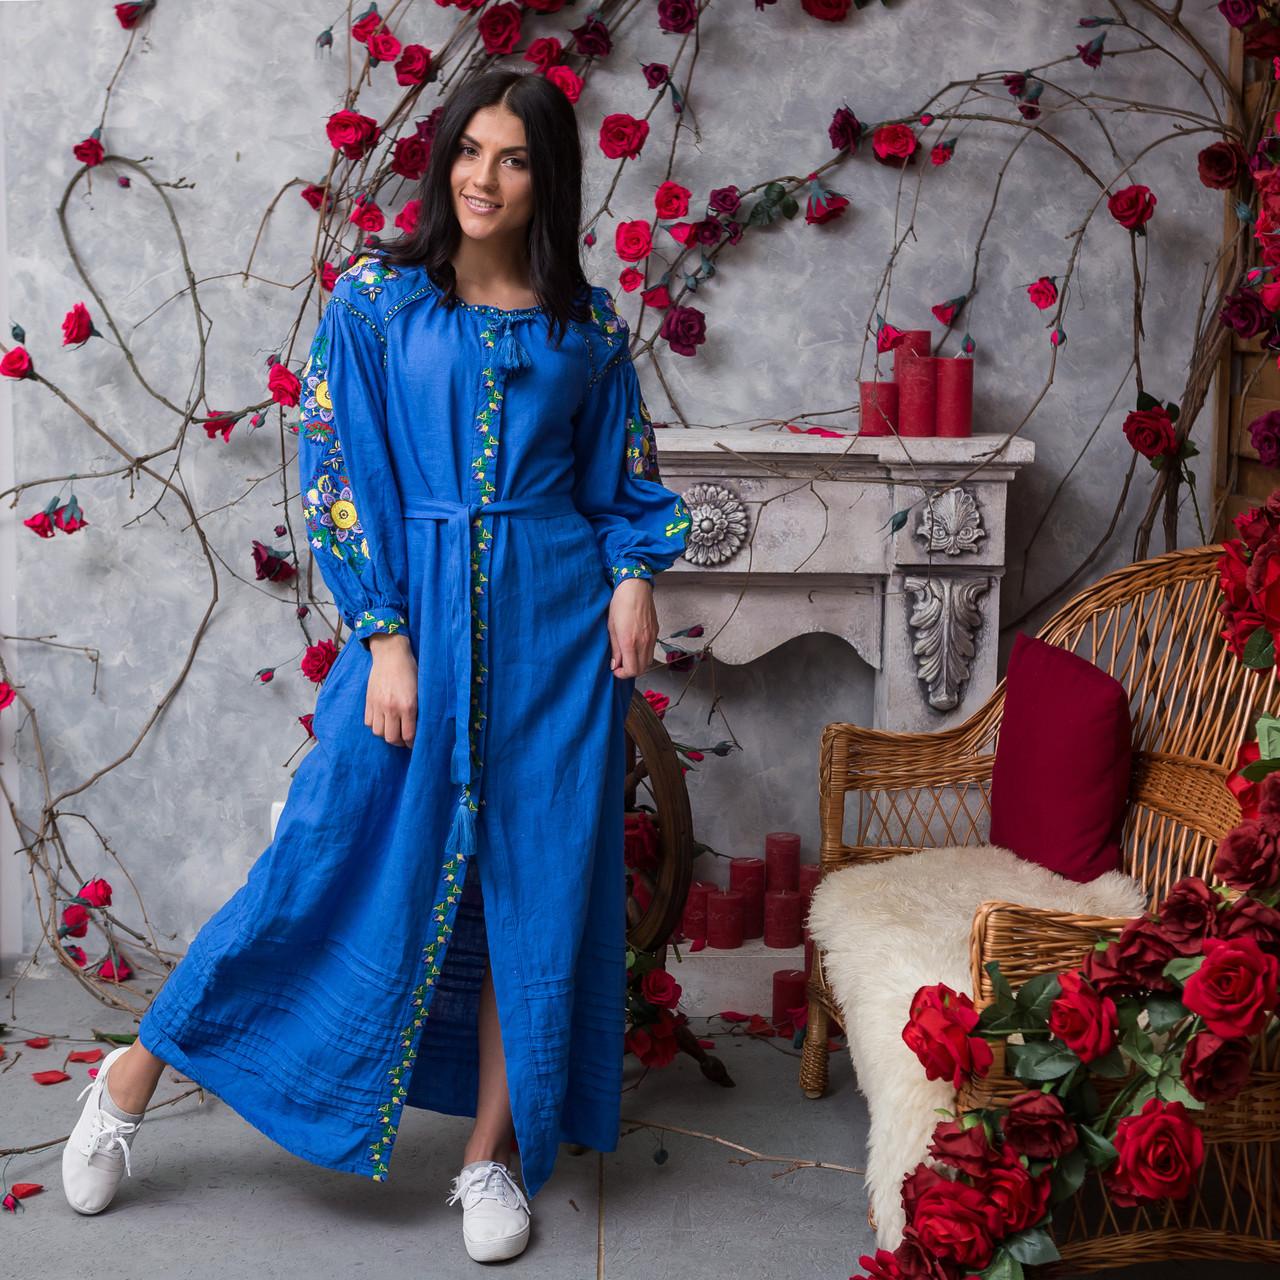 Льняное платье вышиванка Колорит синие - Вишиванки Merezhka в Хмельницком d815fa31845ee